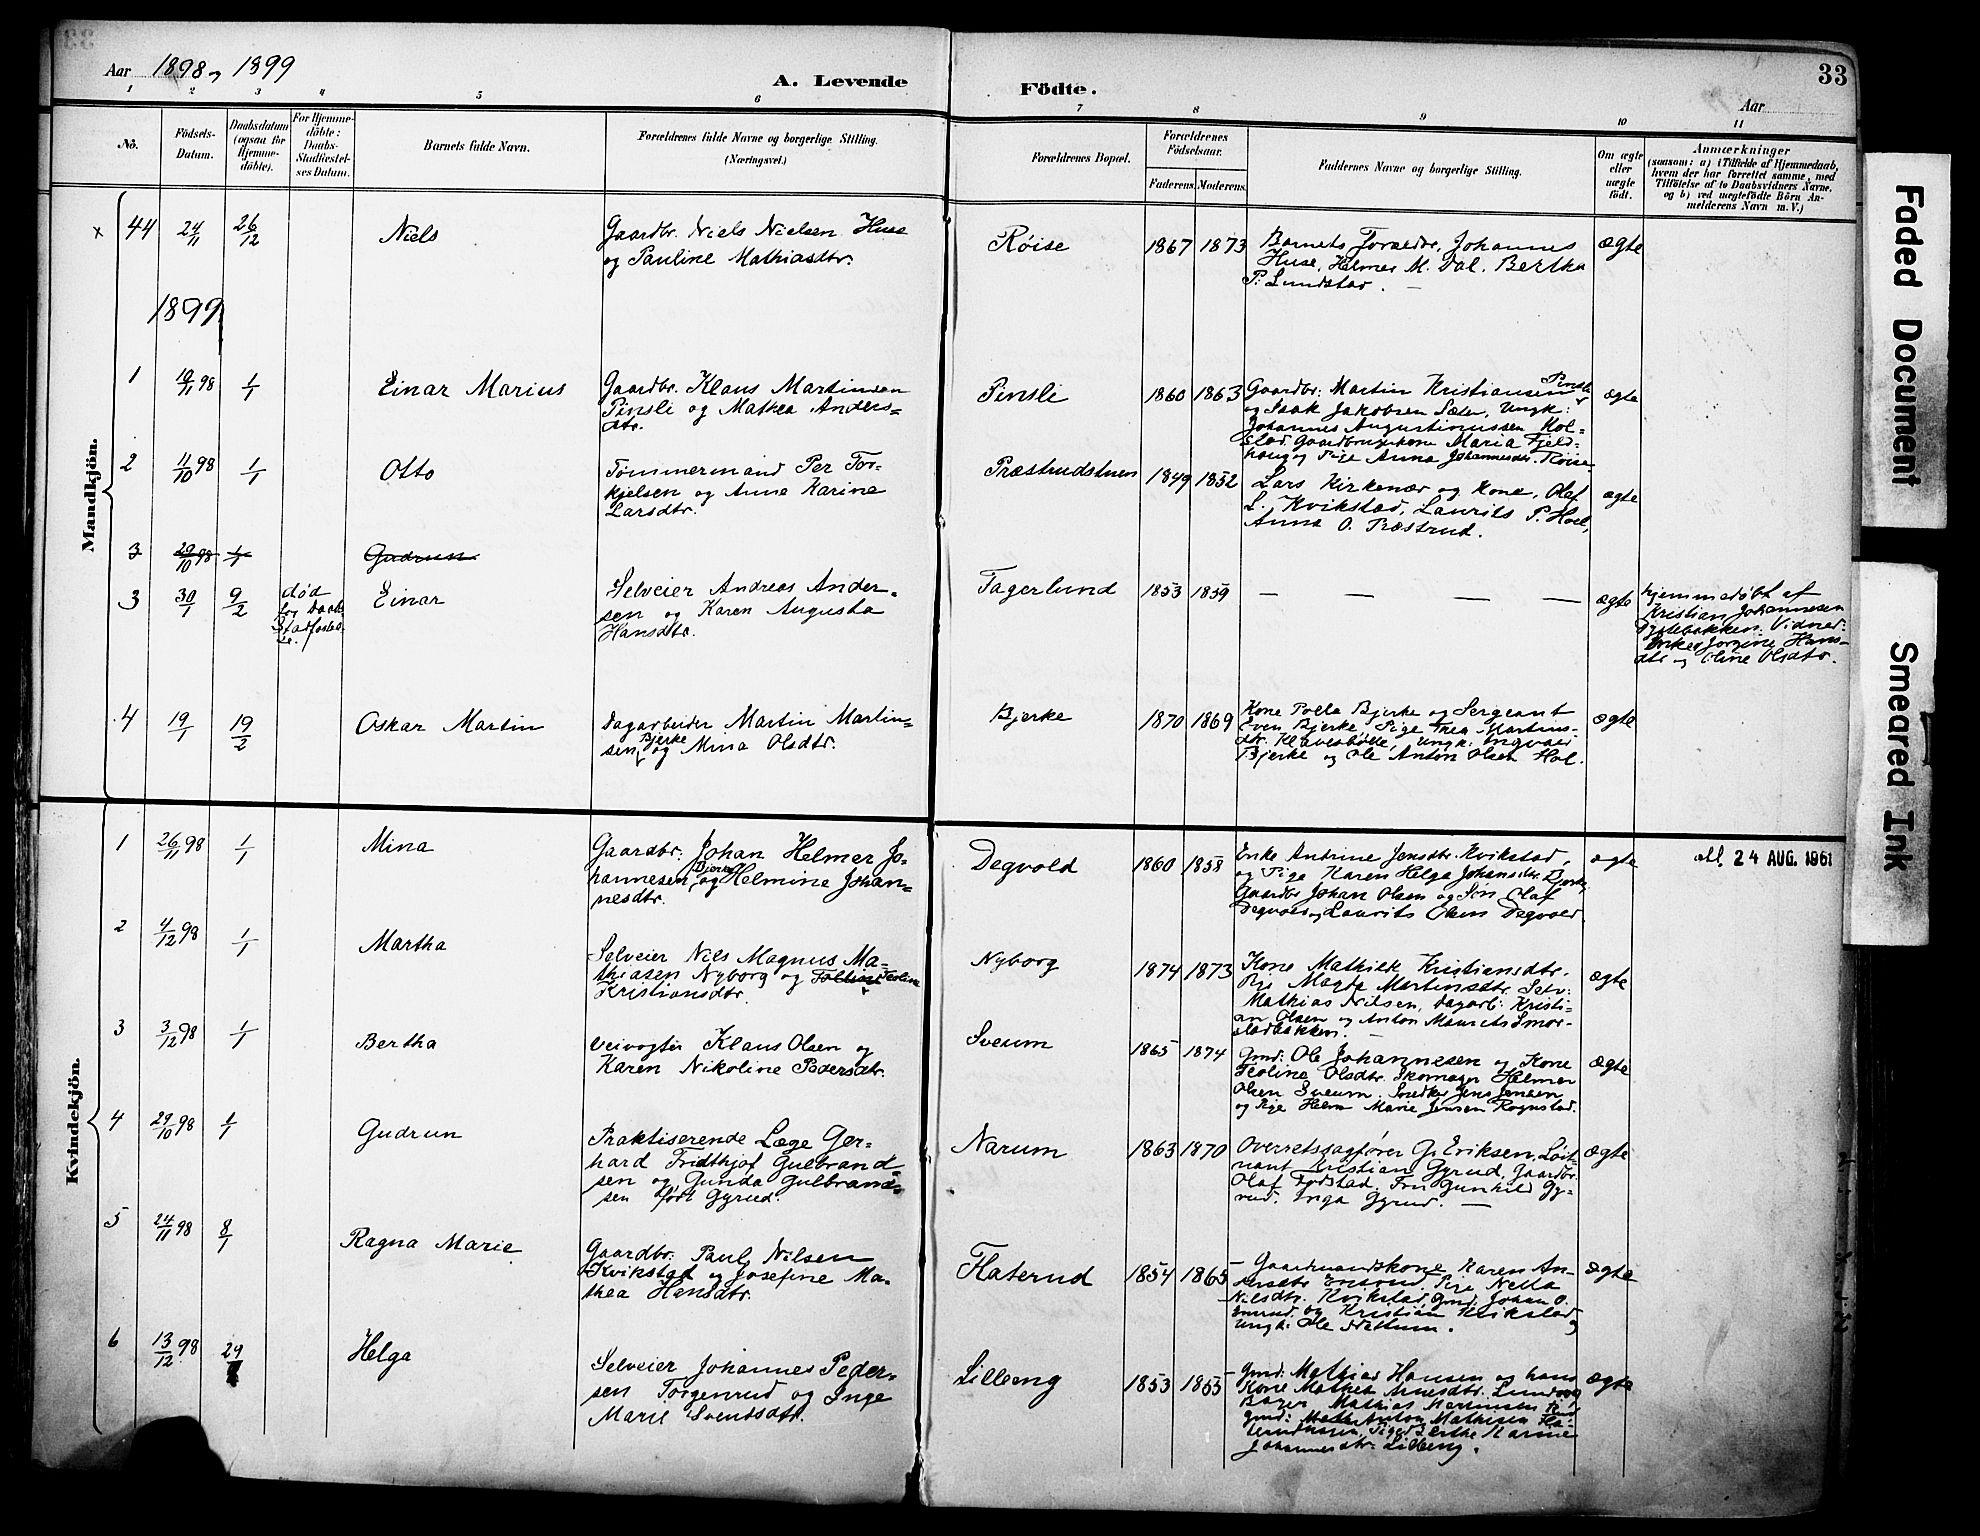 SAH, Vestre Toten prestekontor, Ministerialbok nr. 13, 1895-1911, s. 33